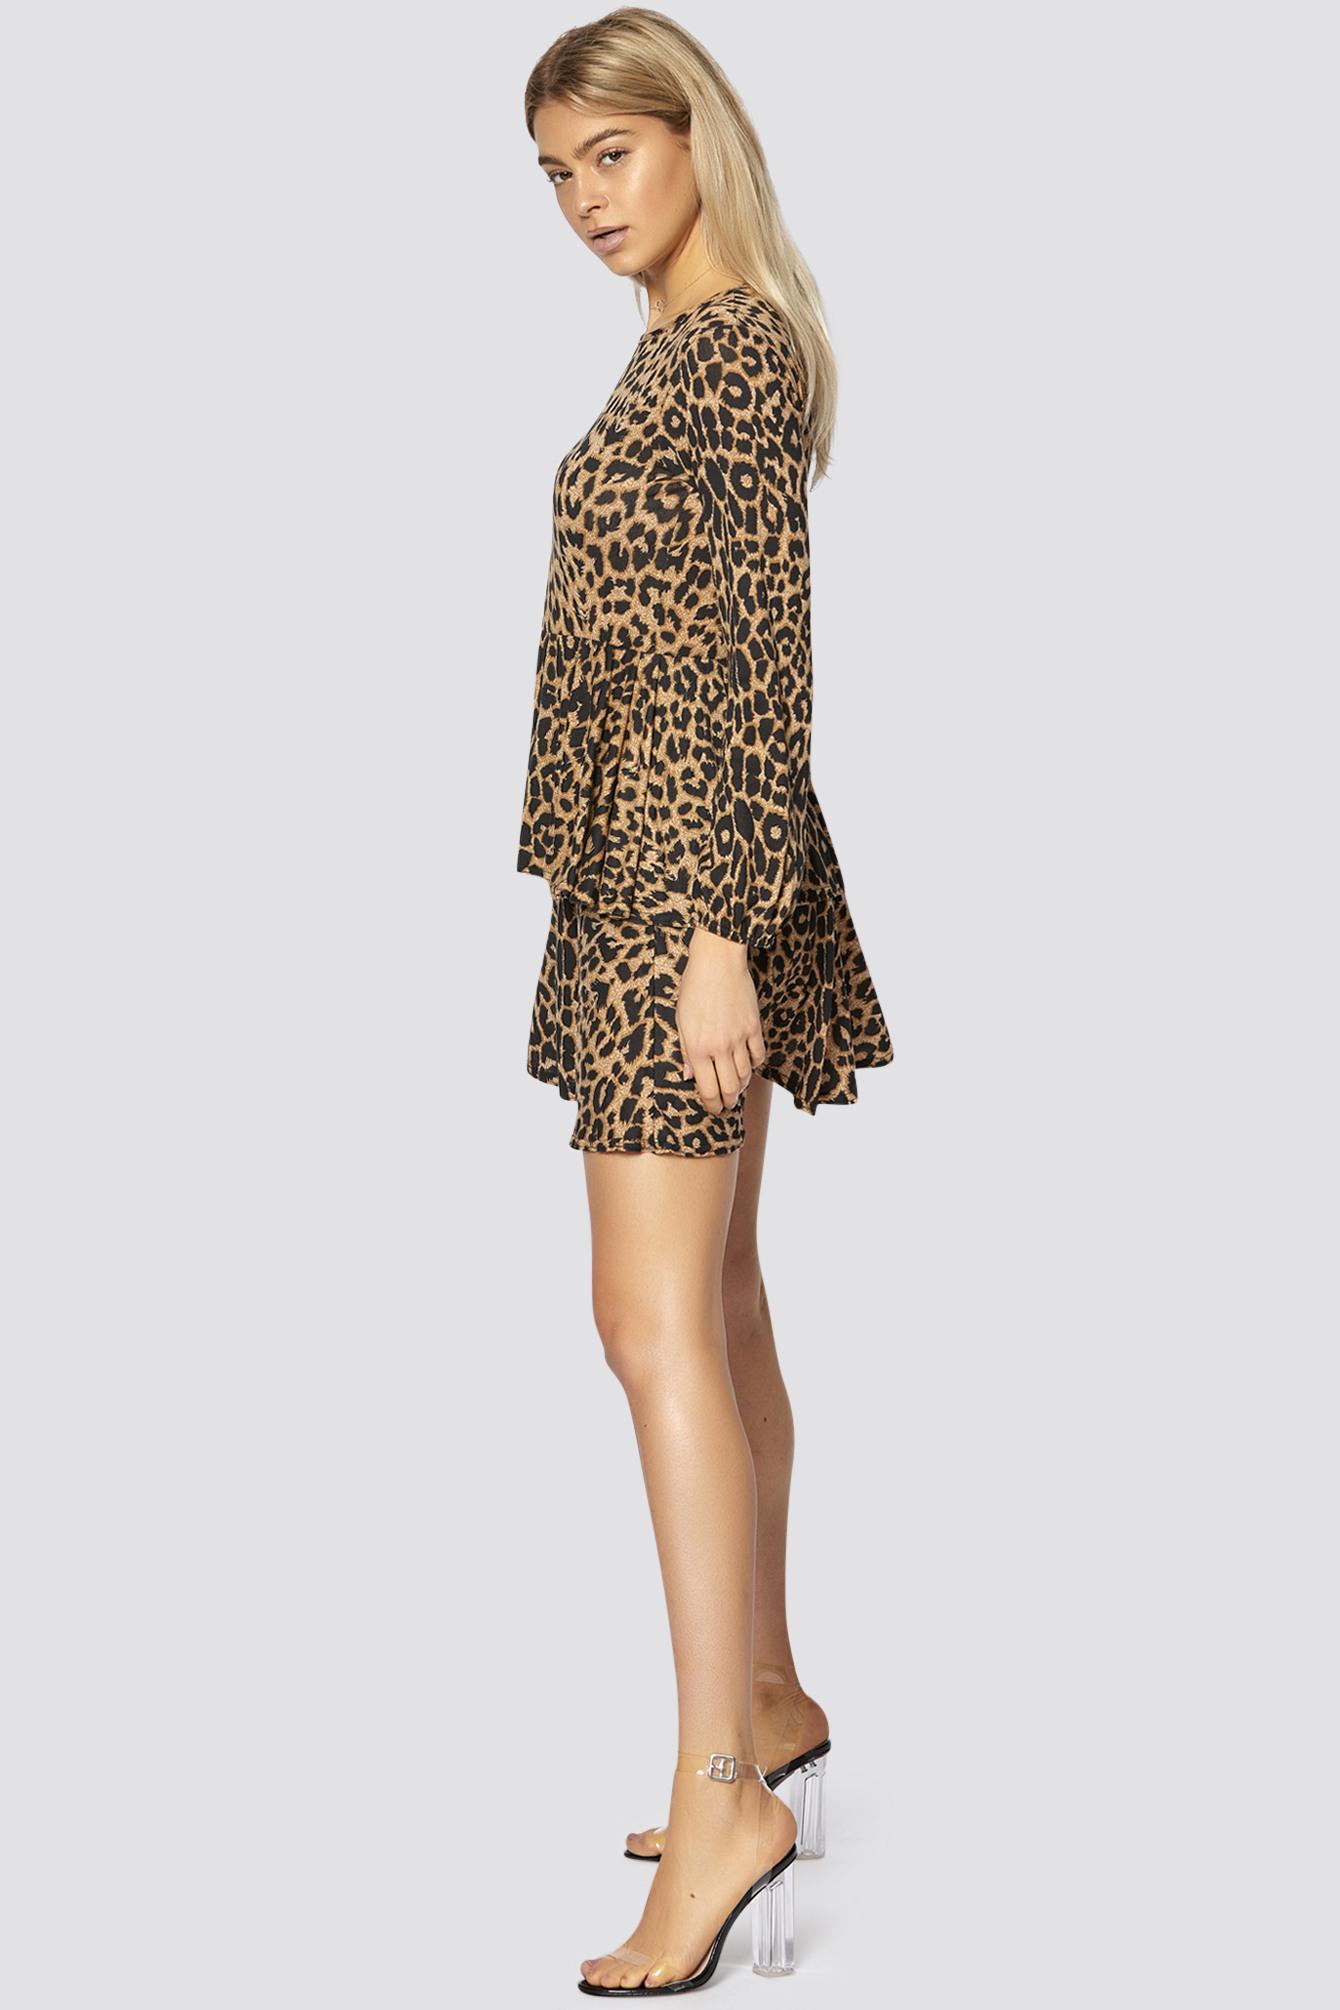 Freshlions  Kleid Mit Leoparden Muster